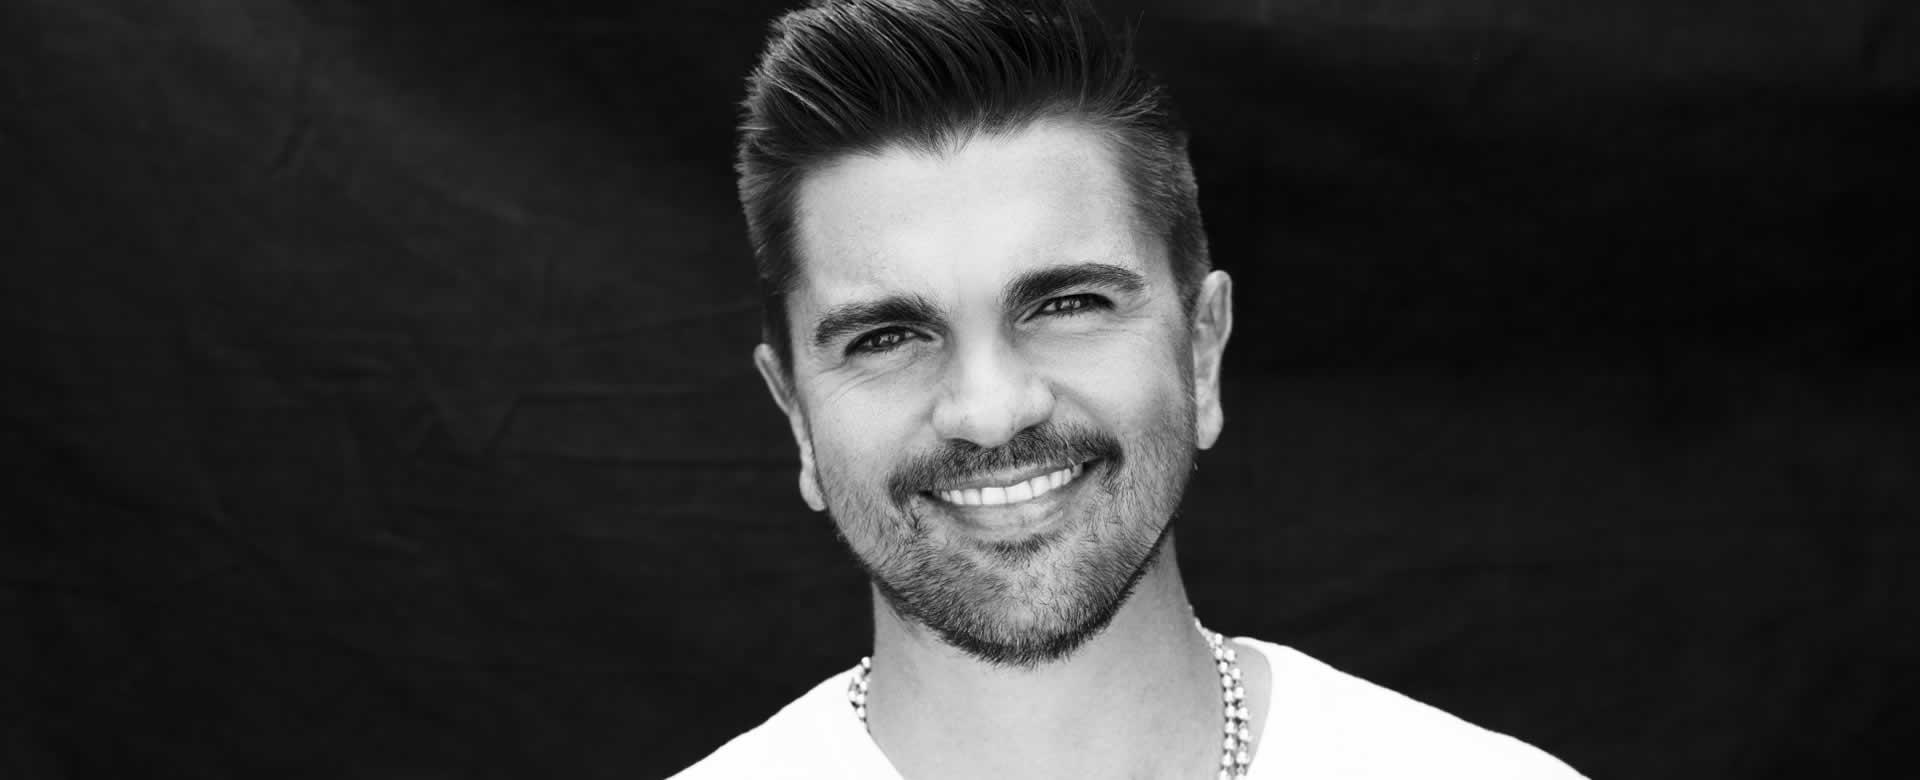 """Juanes pone su toque a """"Más que tu amigo"""", de Marco Antonio Solís"""